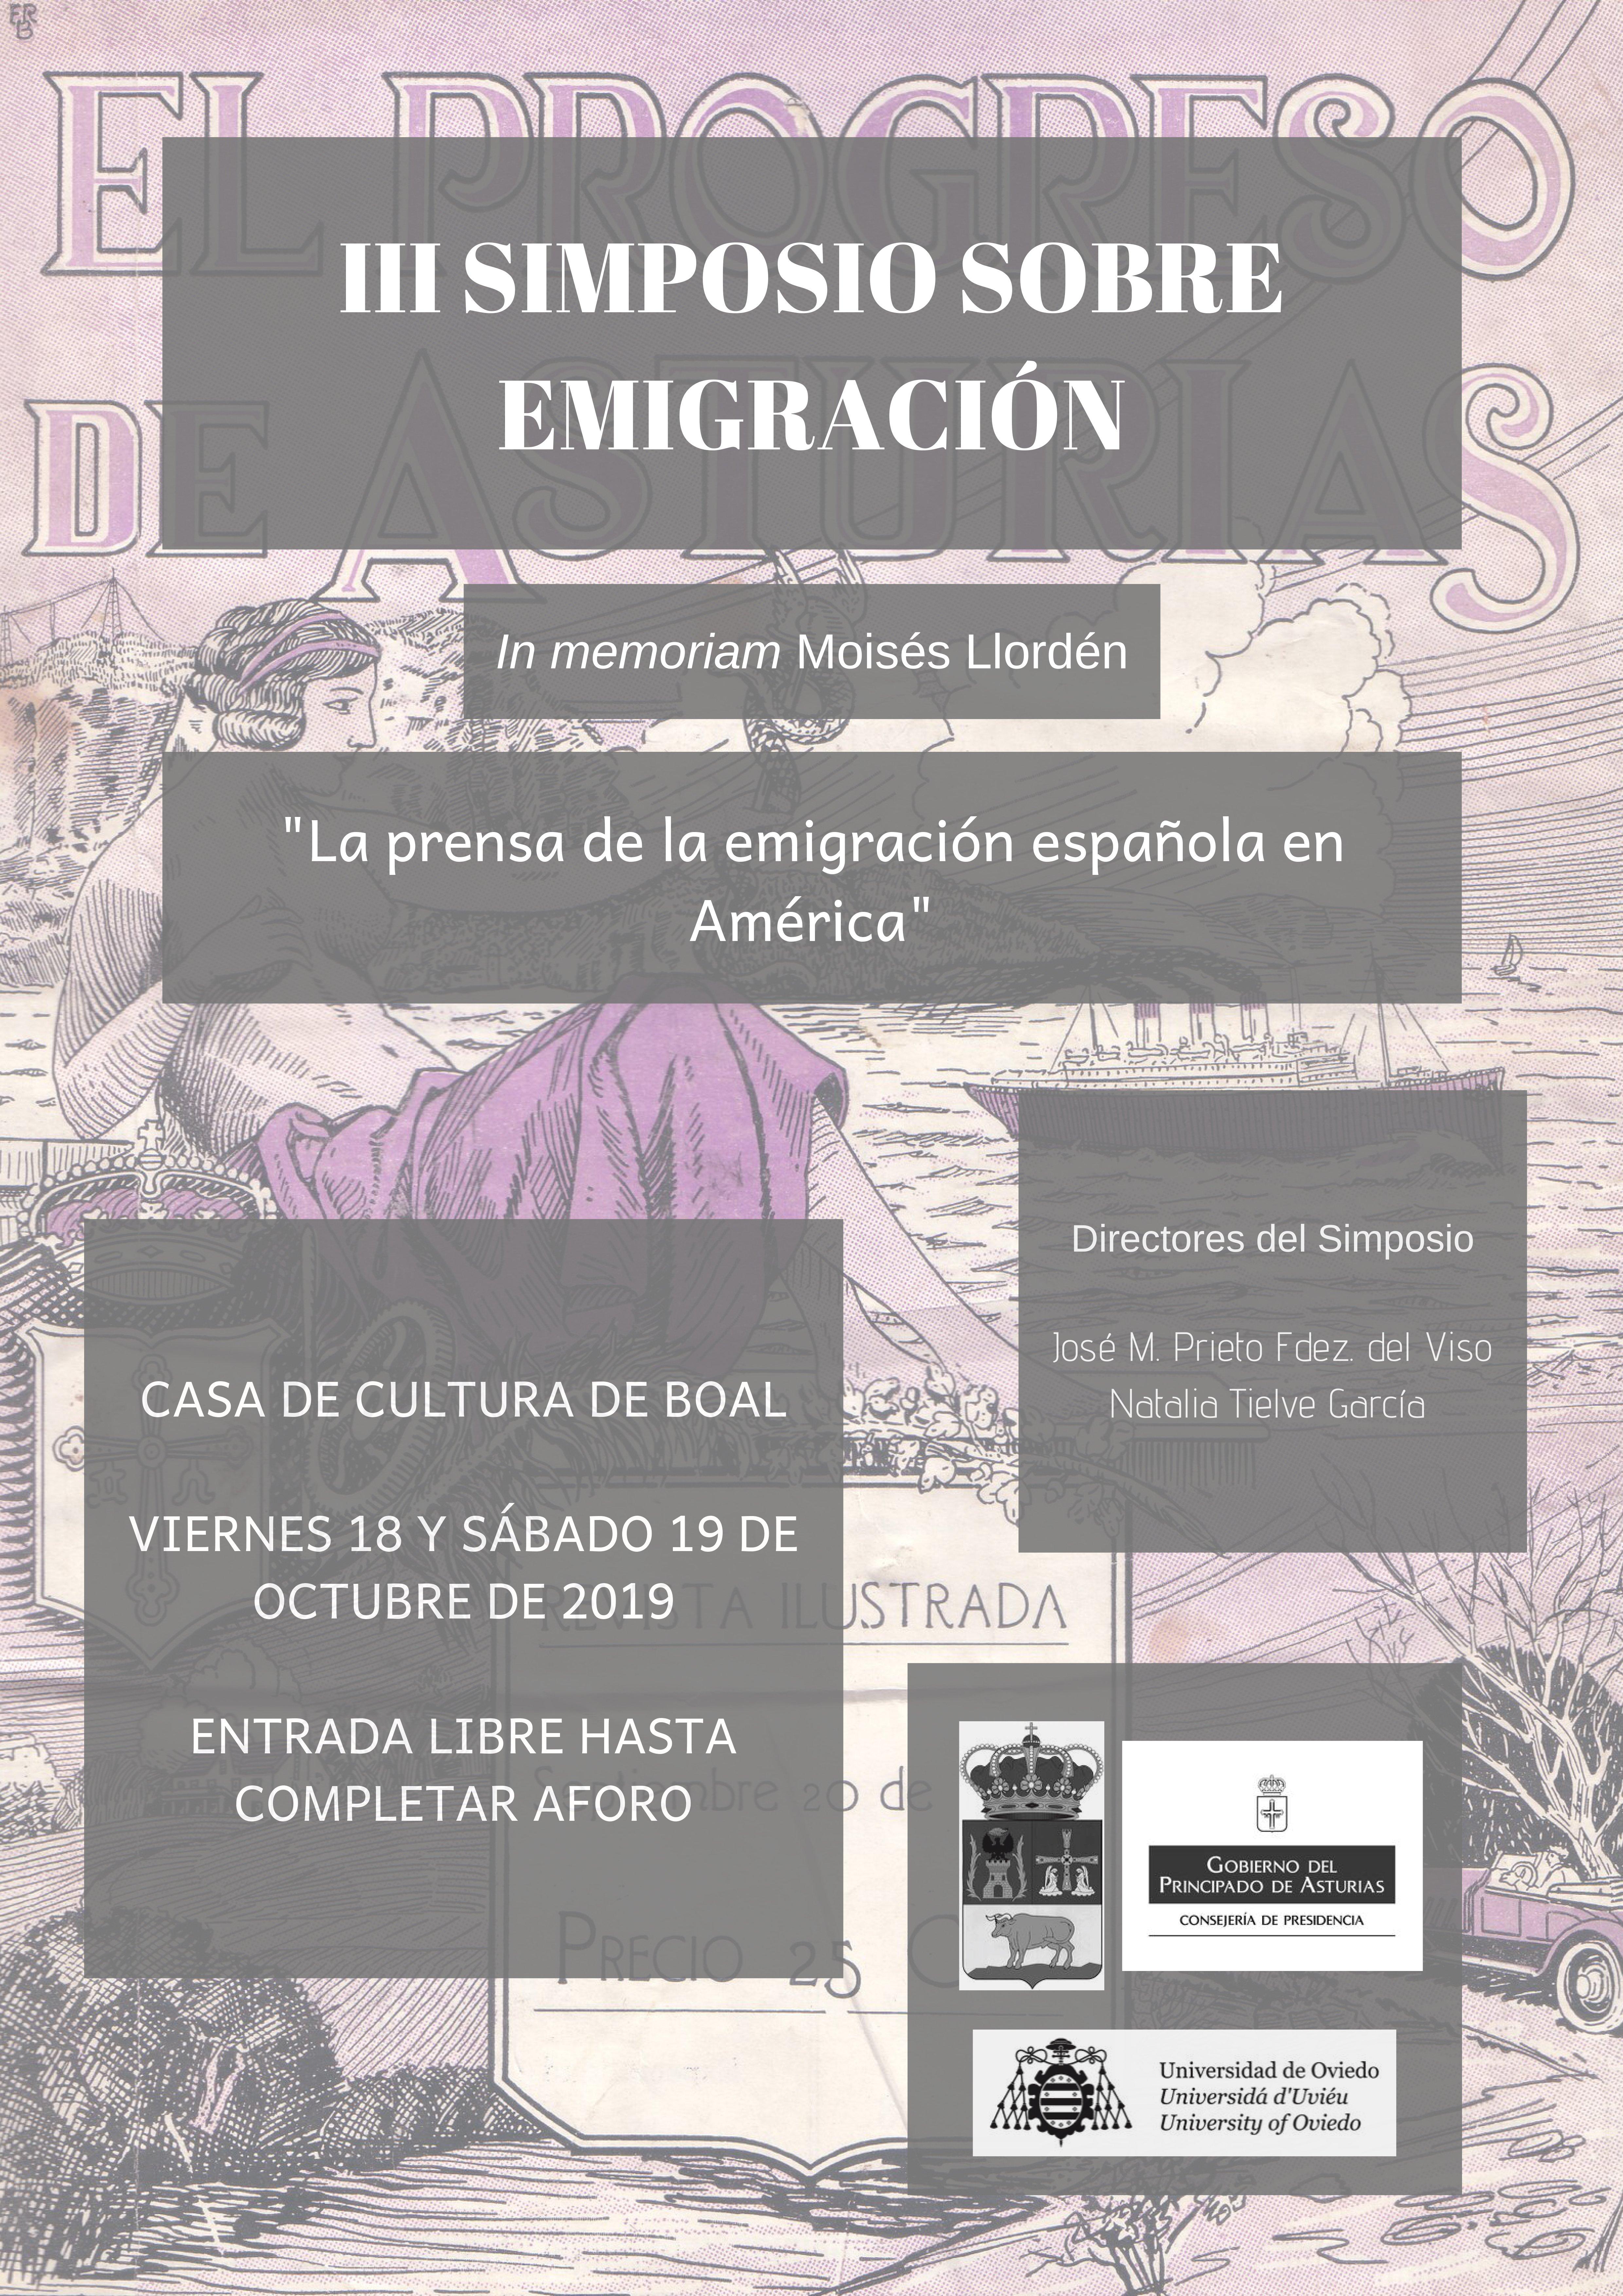 III Simposio sobre la Emigración en Boal, días 18 y 19 de octubre